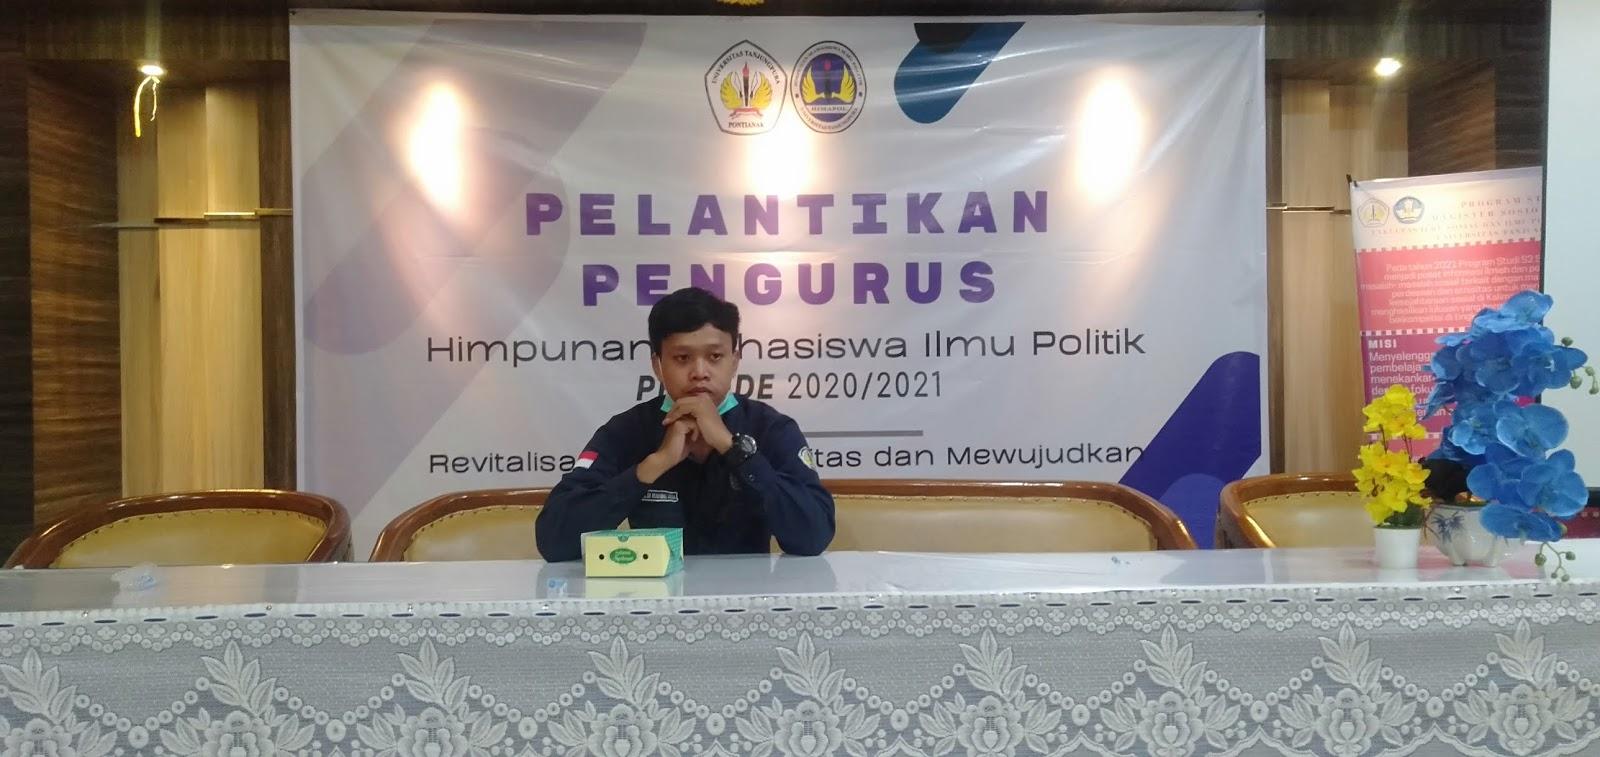 Resuffle Kabinet, Himapol Fisip Untan: Sebuah harapan baru untuk Indonesia Maju